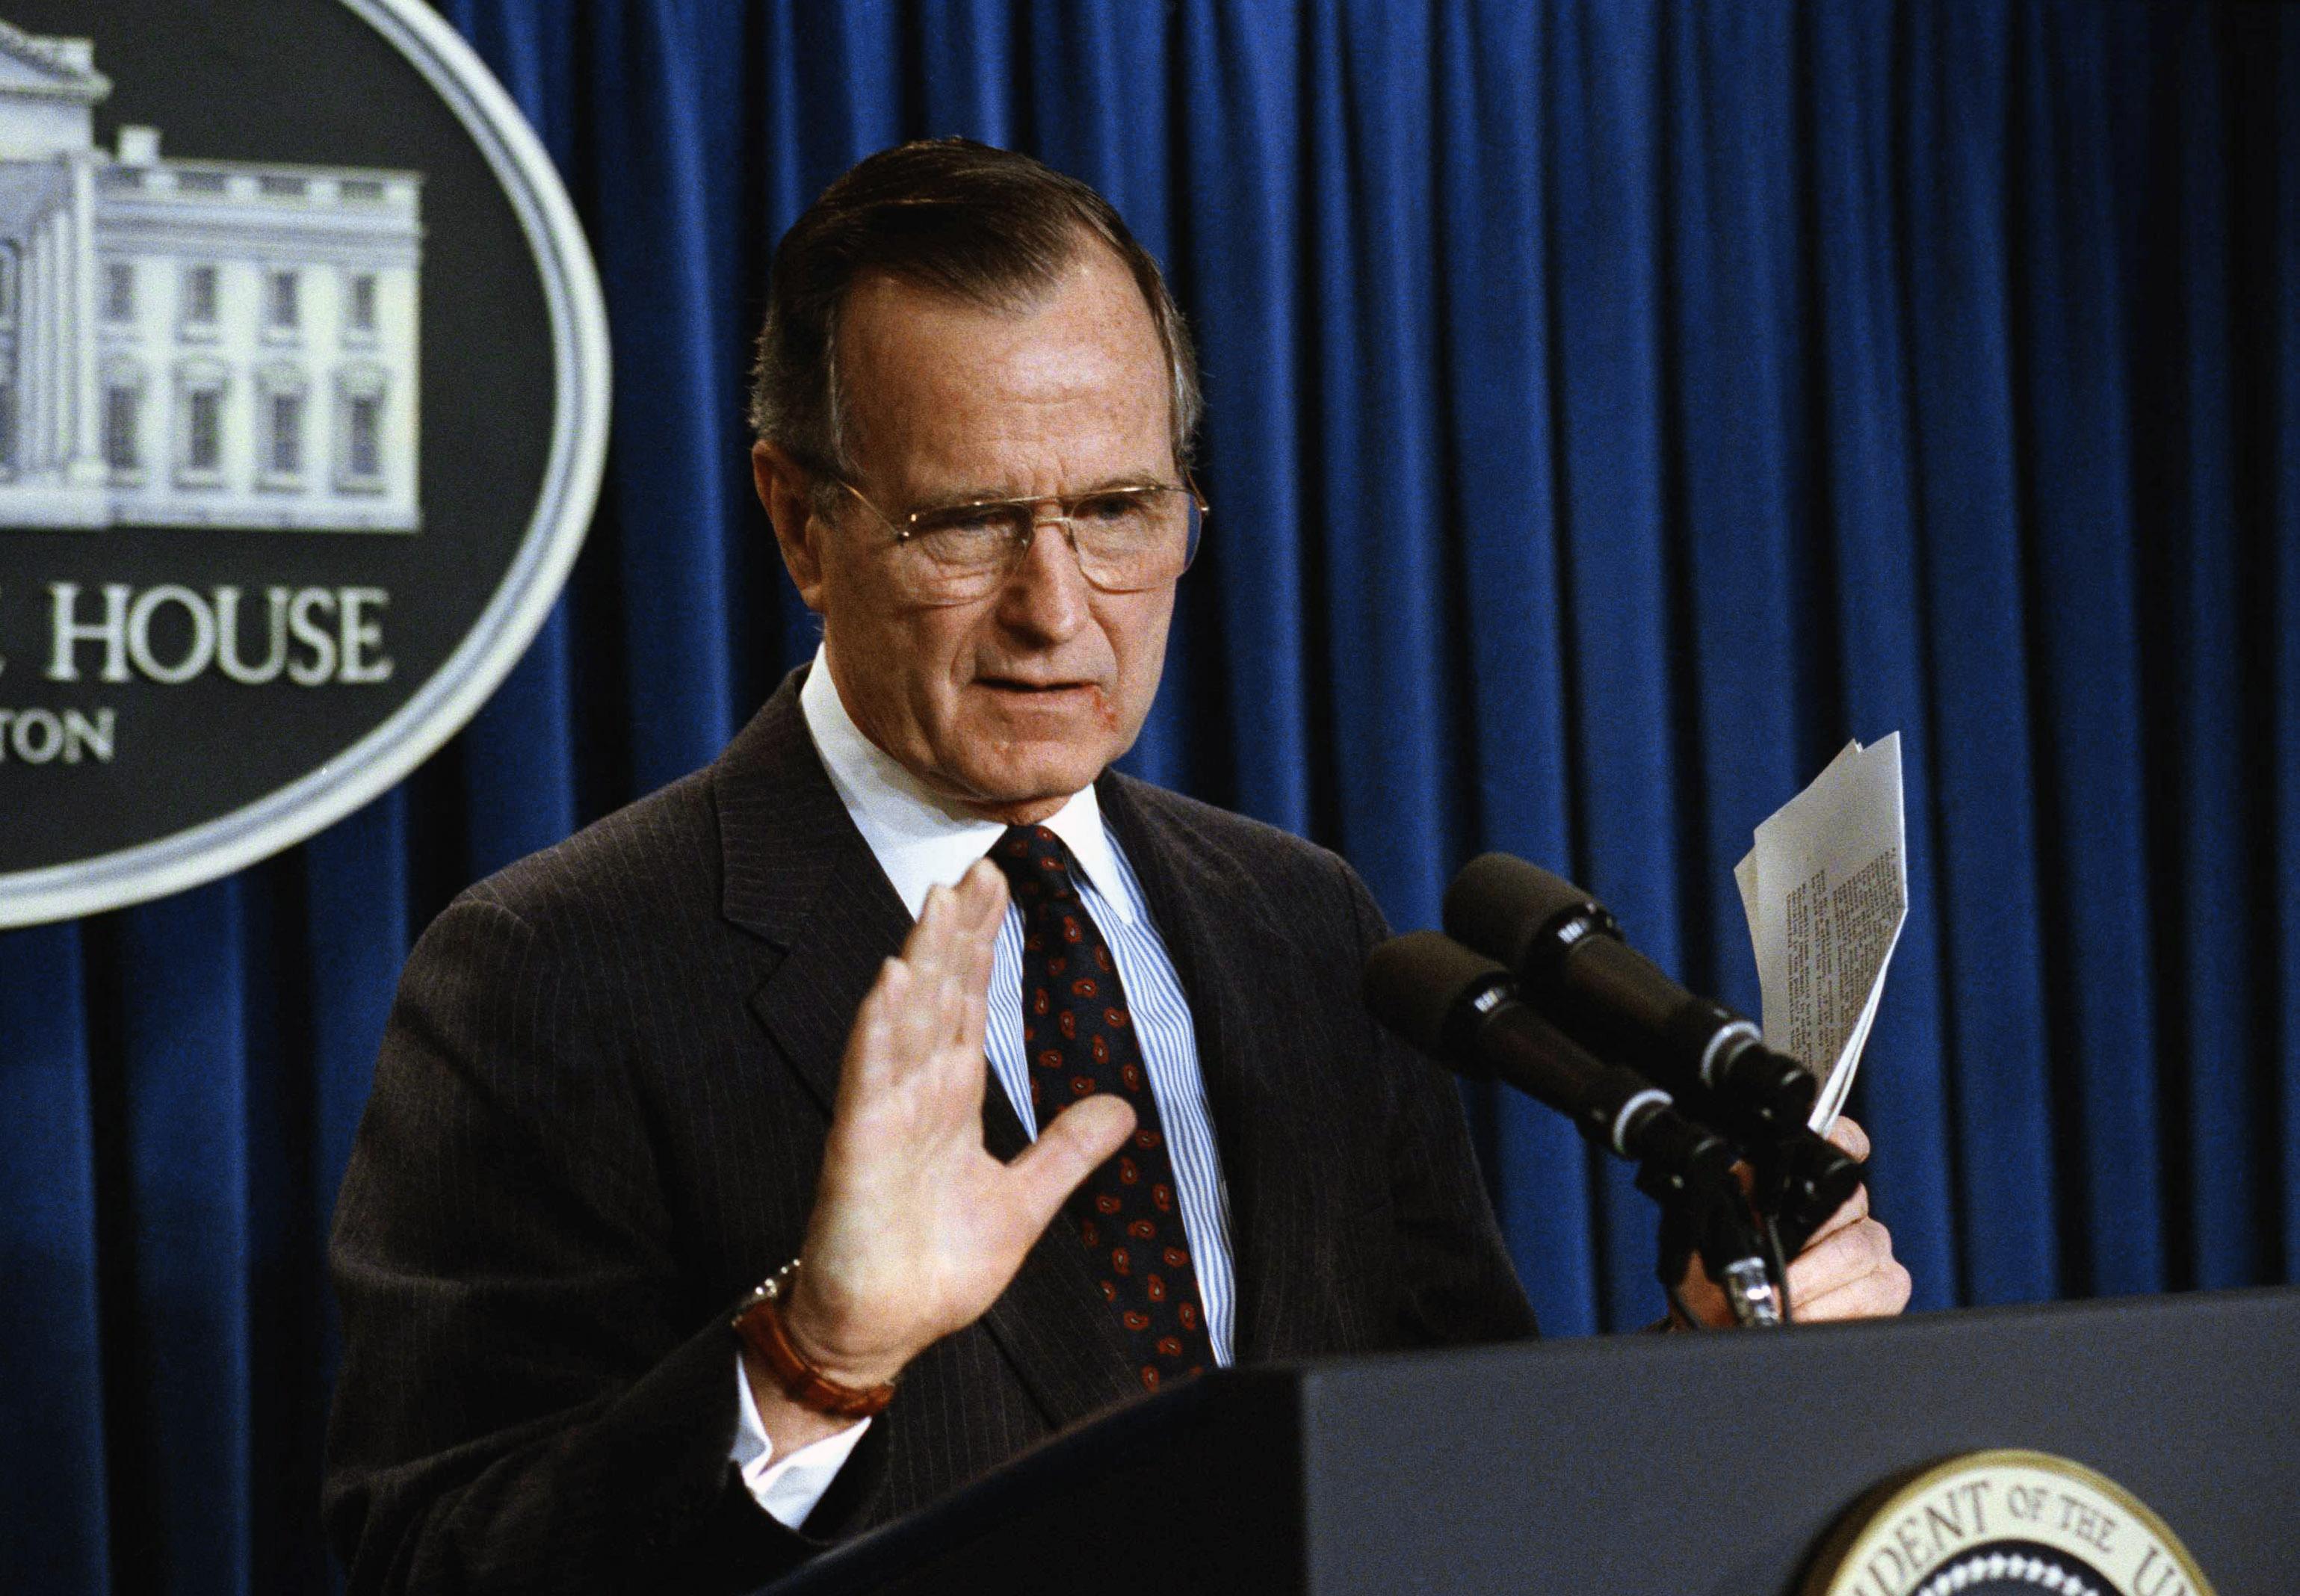 Xhorxh H. W Bush